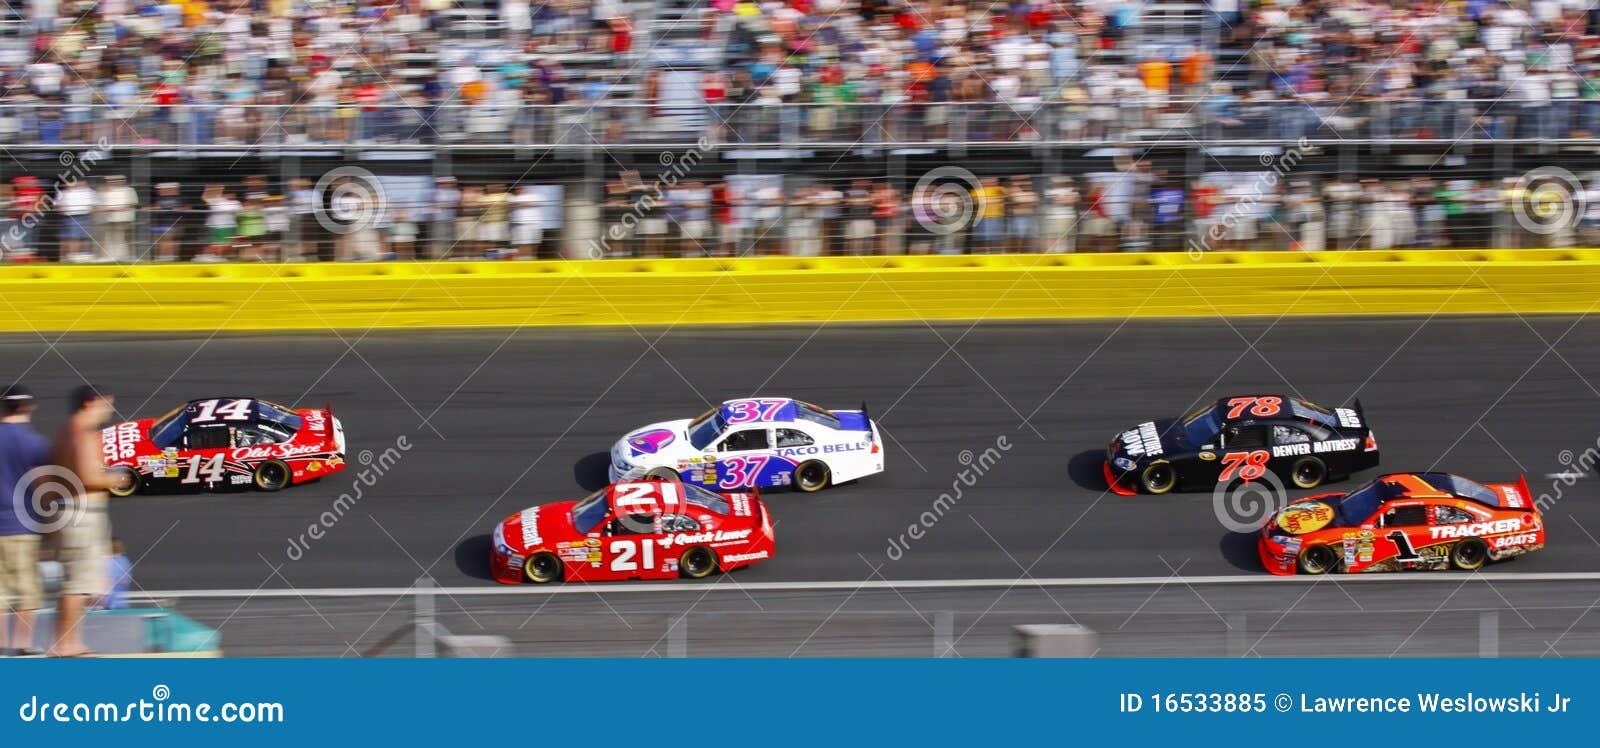 NASCAR - Competência de carro conservado em estoque americana